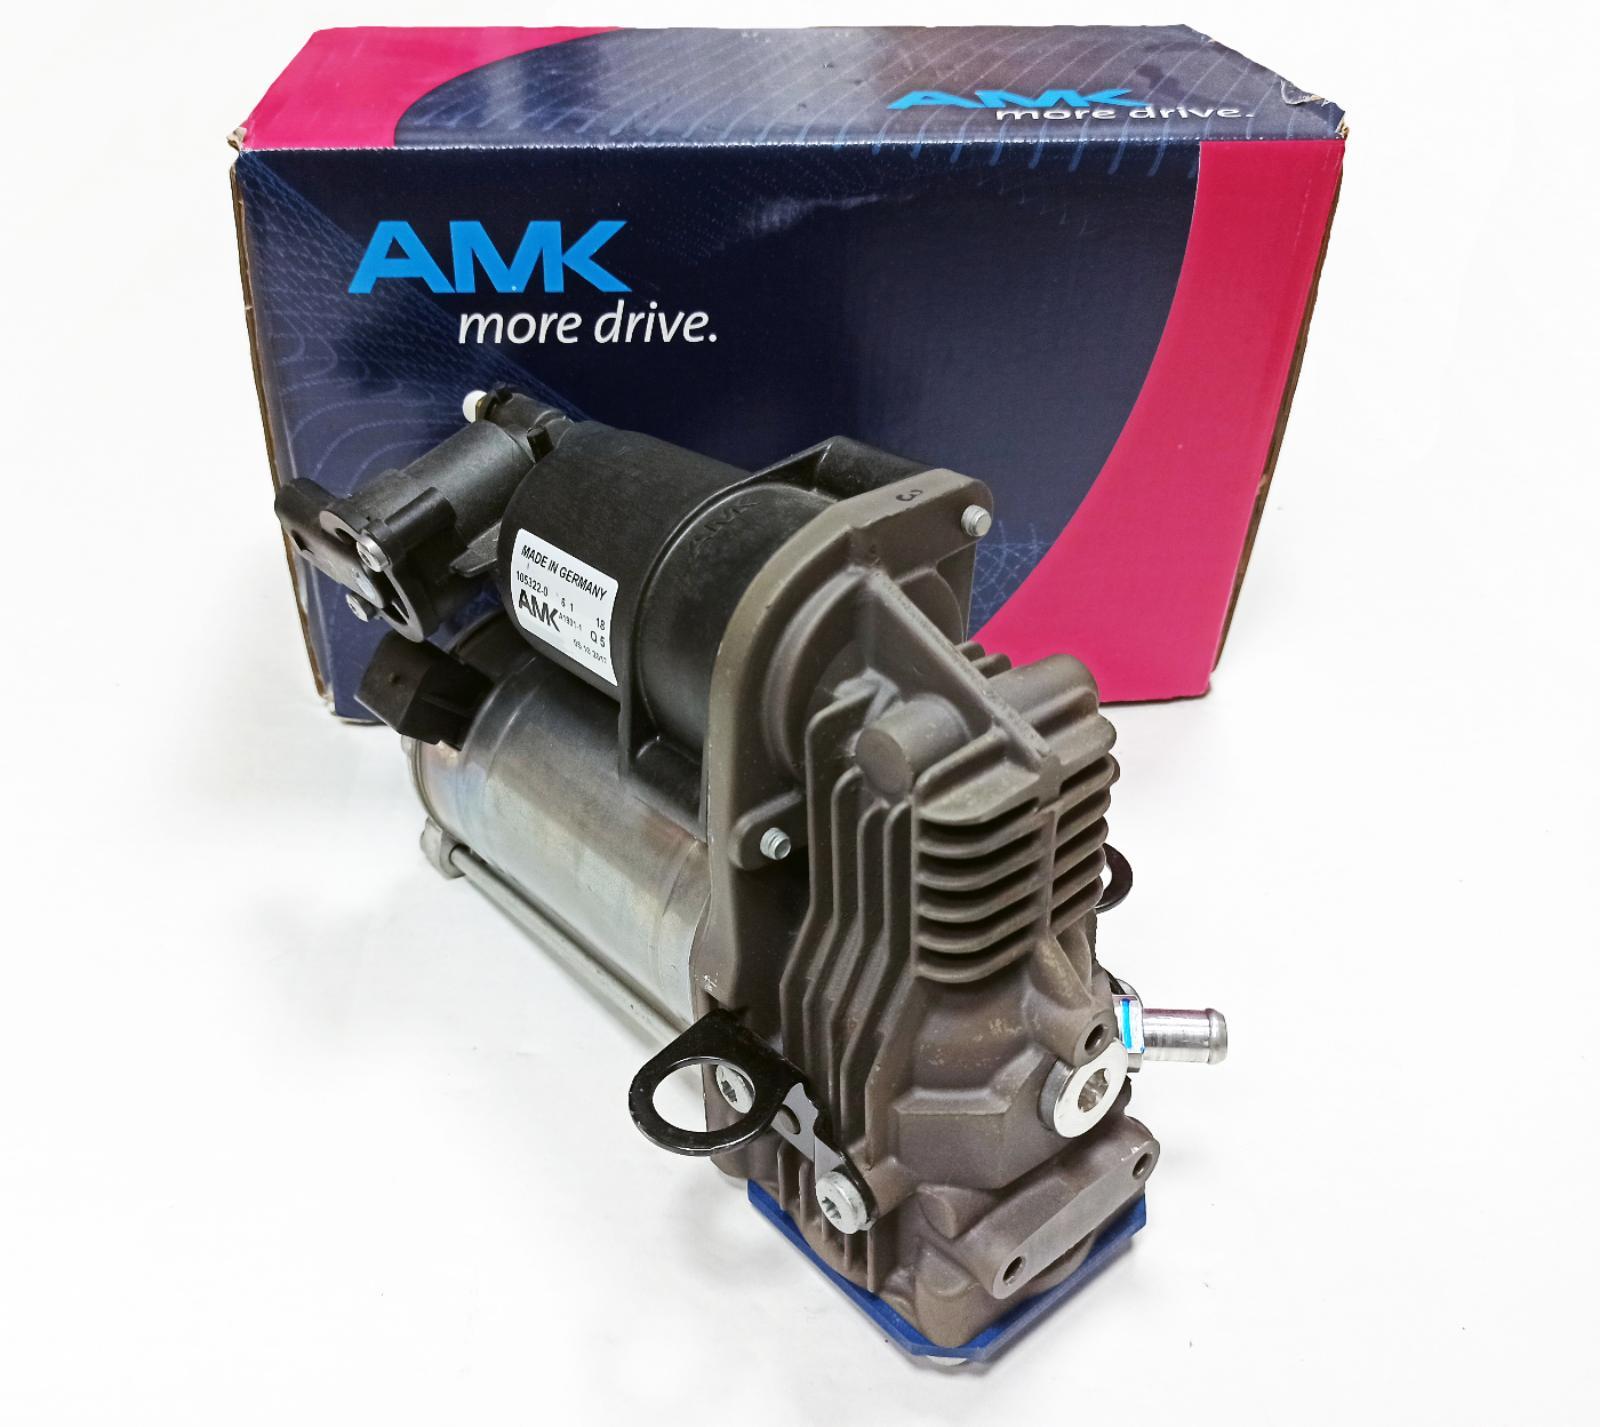 картинка Новый оригинальный компрессор пневмоподвески AMK для Mercedes X166 GL, W166 ML (A1663200104, A1663200204) от магазина пневмоподвески ПневмоМаркет